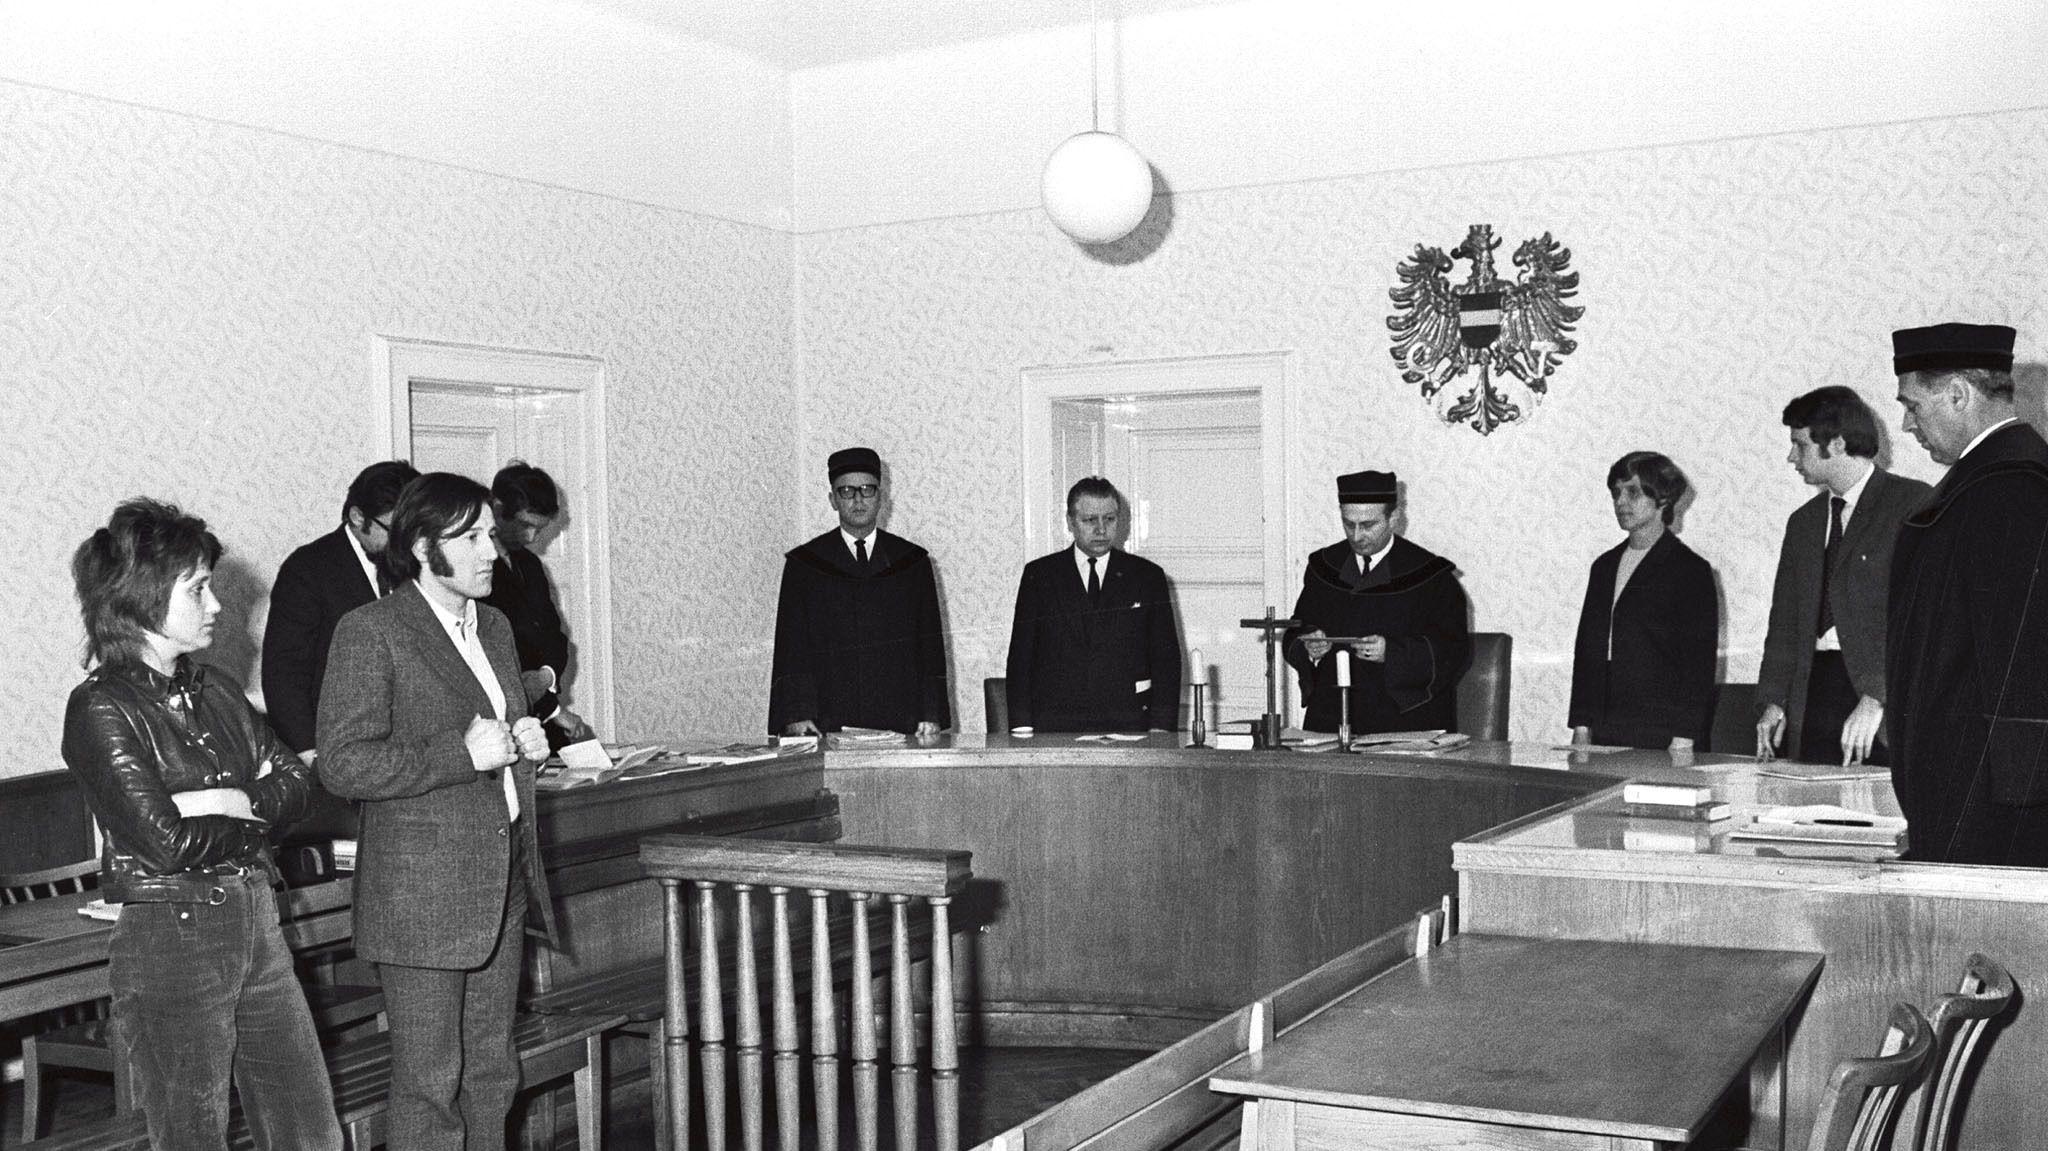 Foto von Valie Export und Peter Weibel im Gerichtssaal